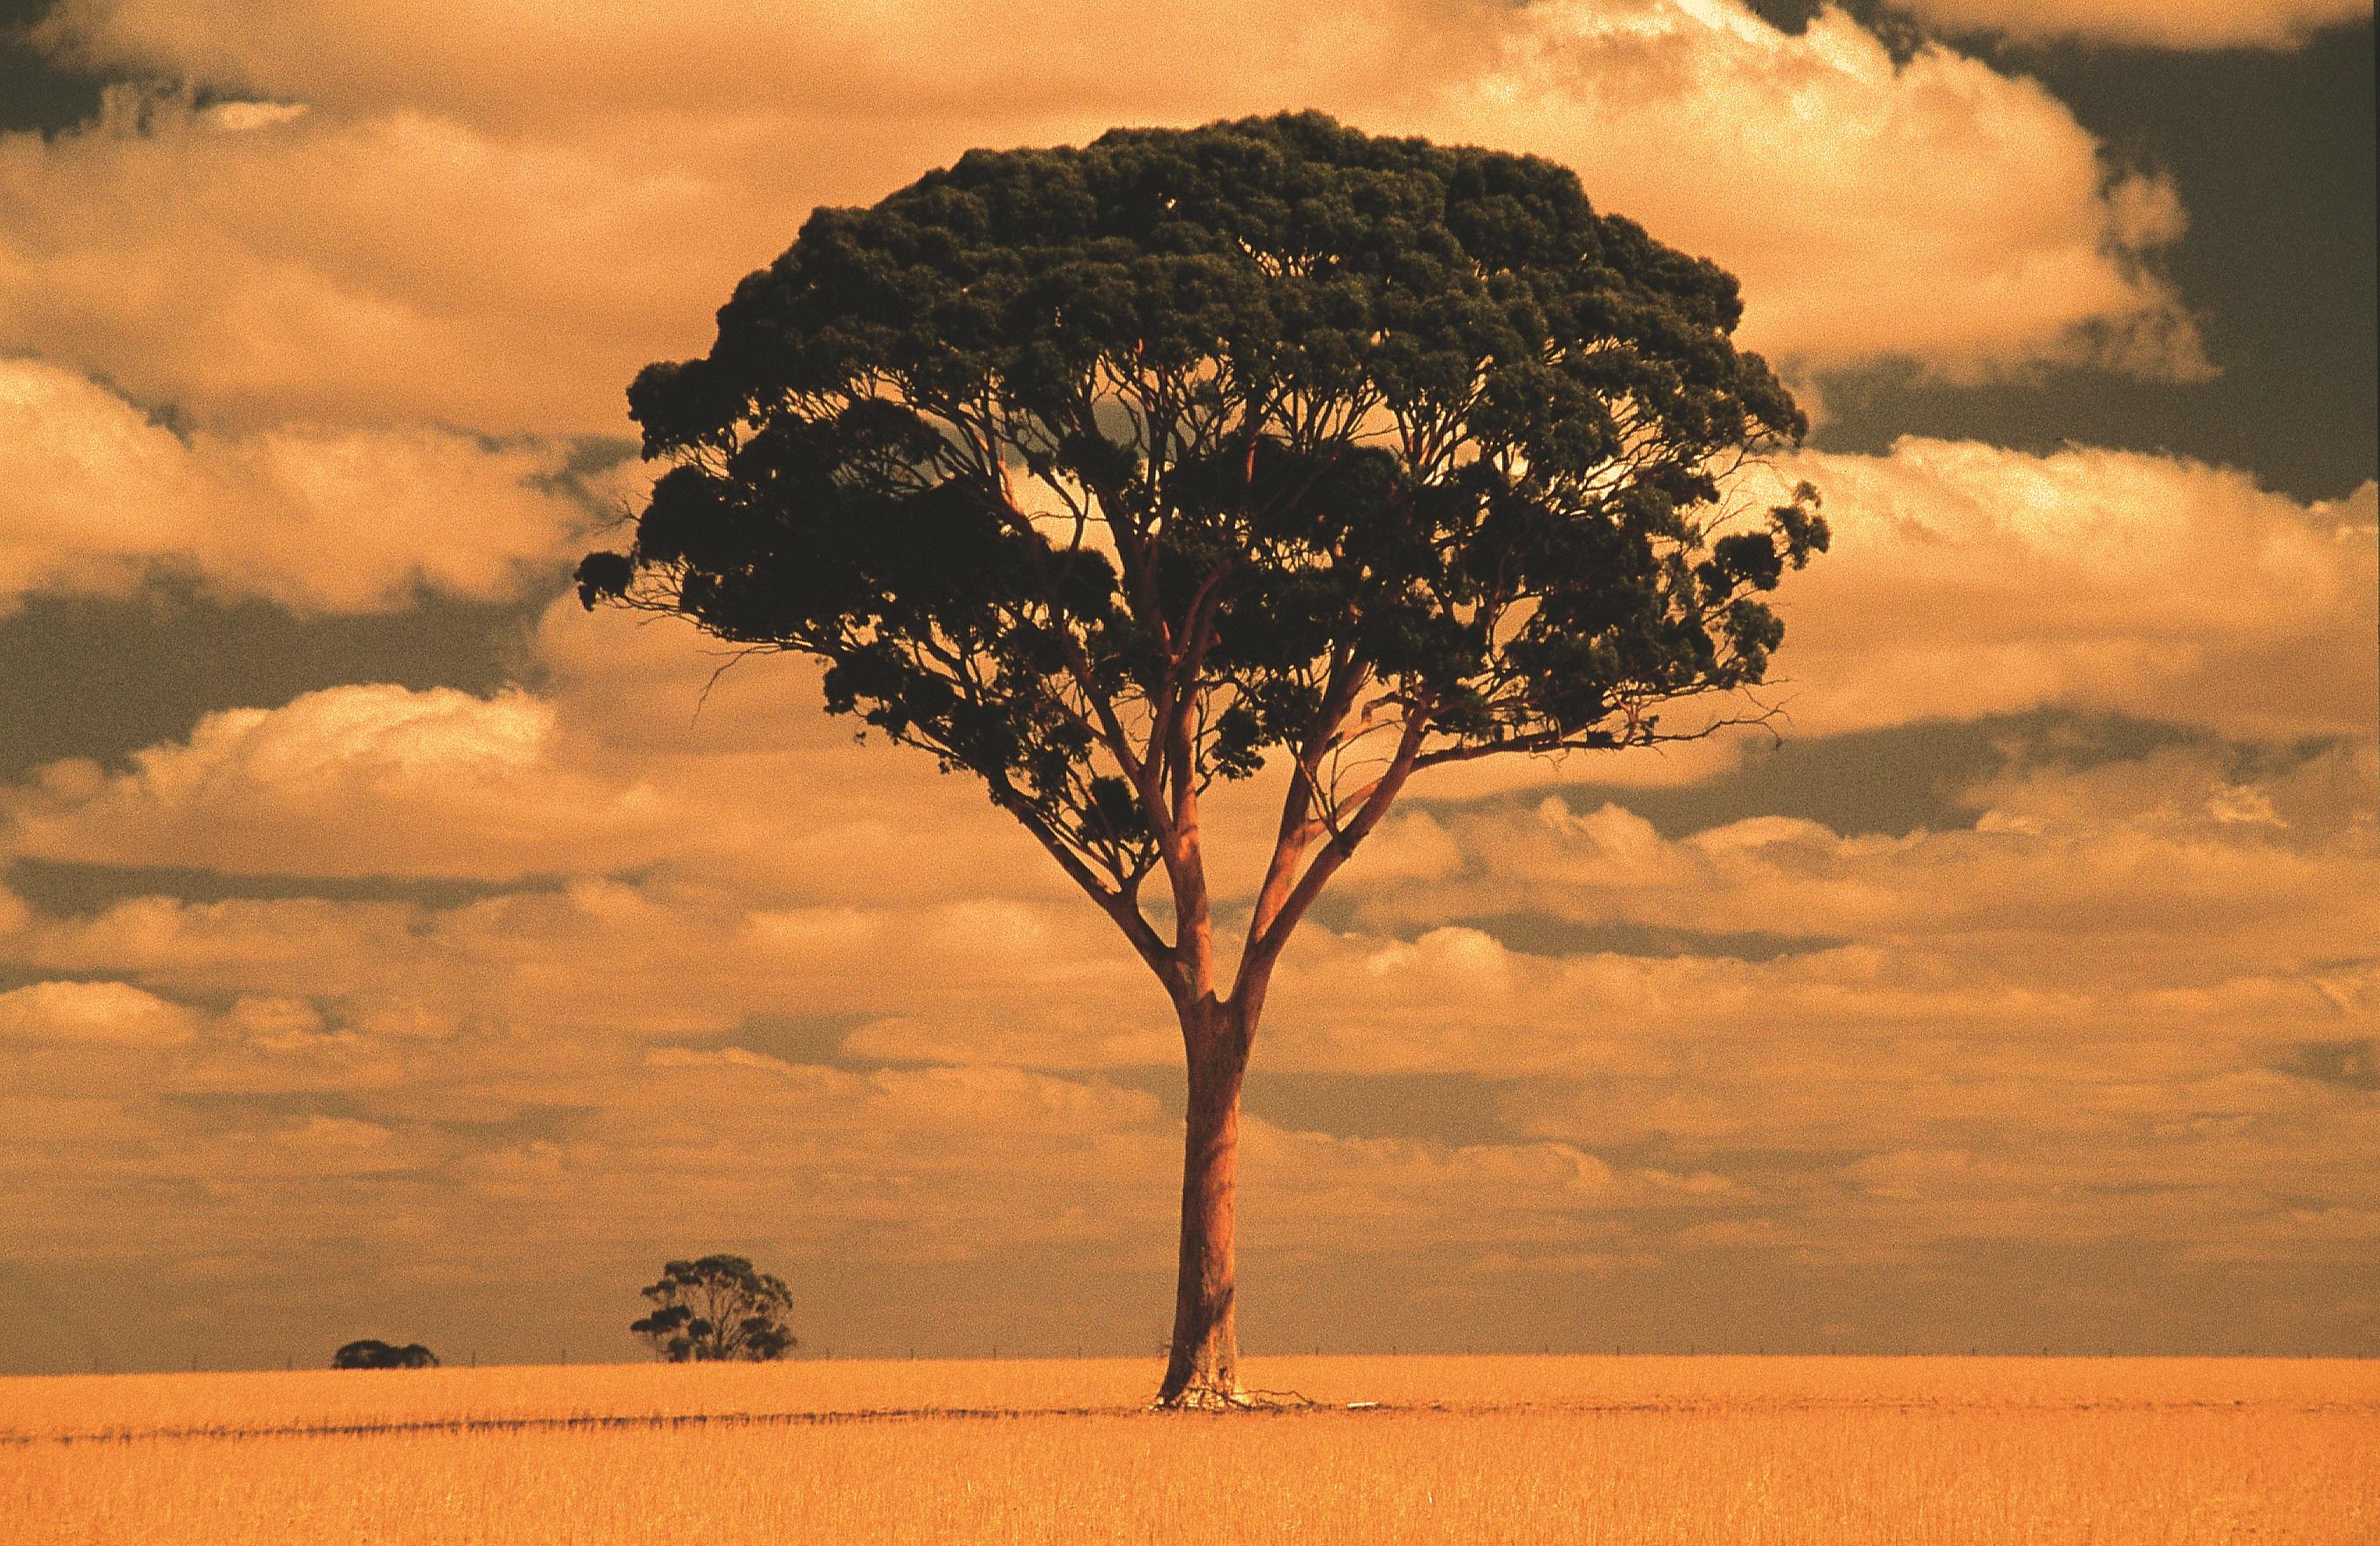 Beautiful tree in wheatfield